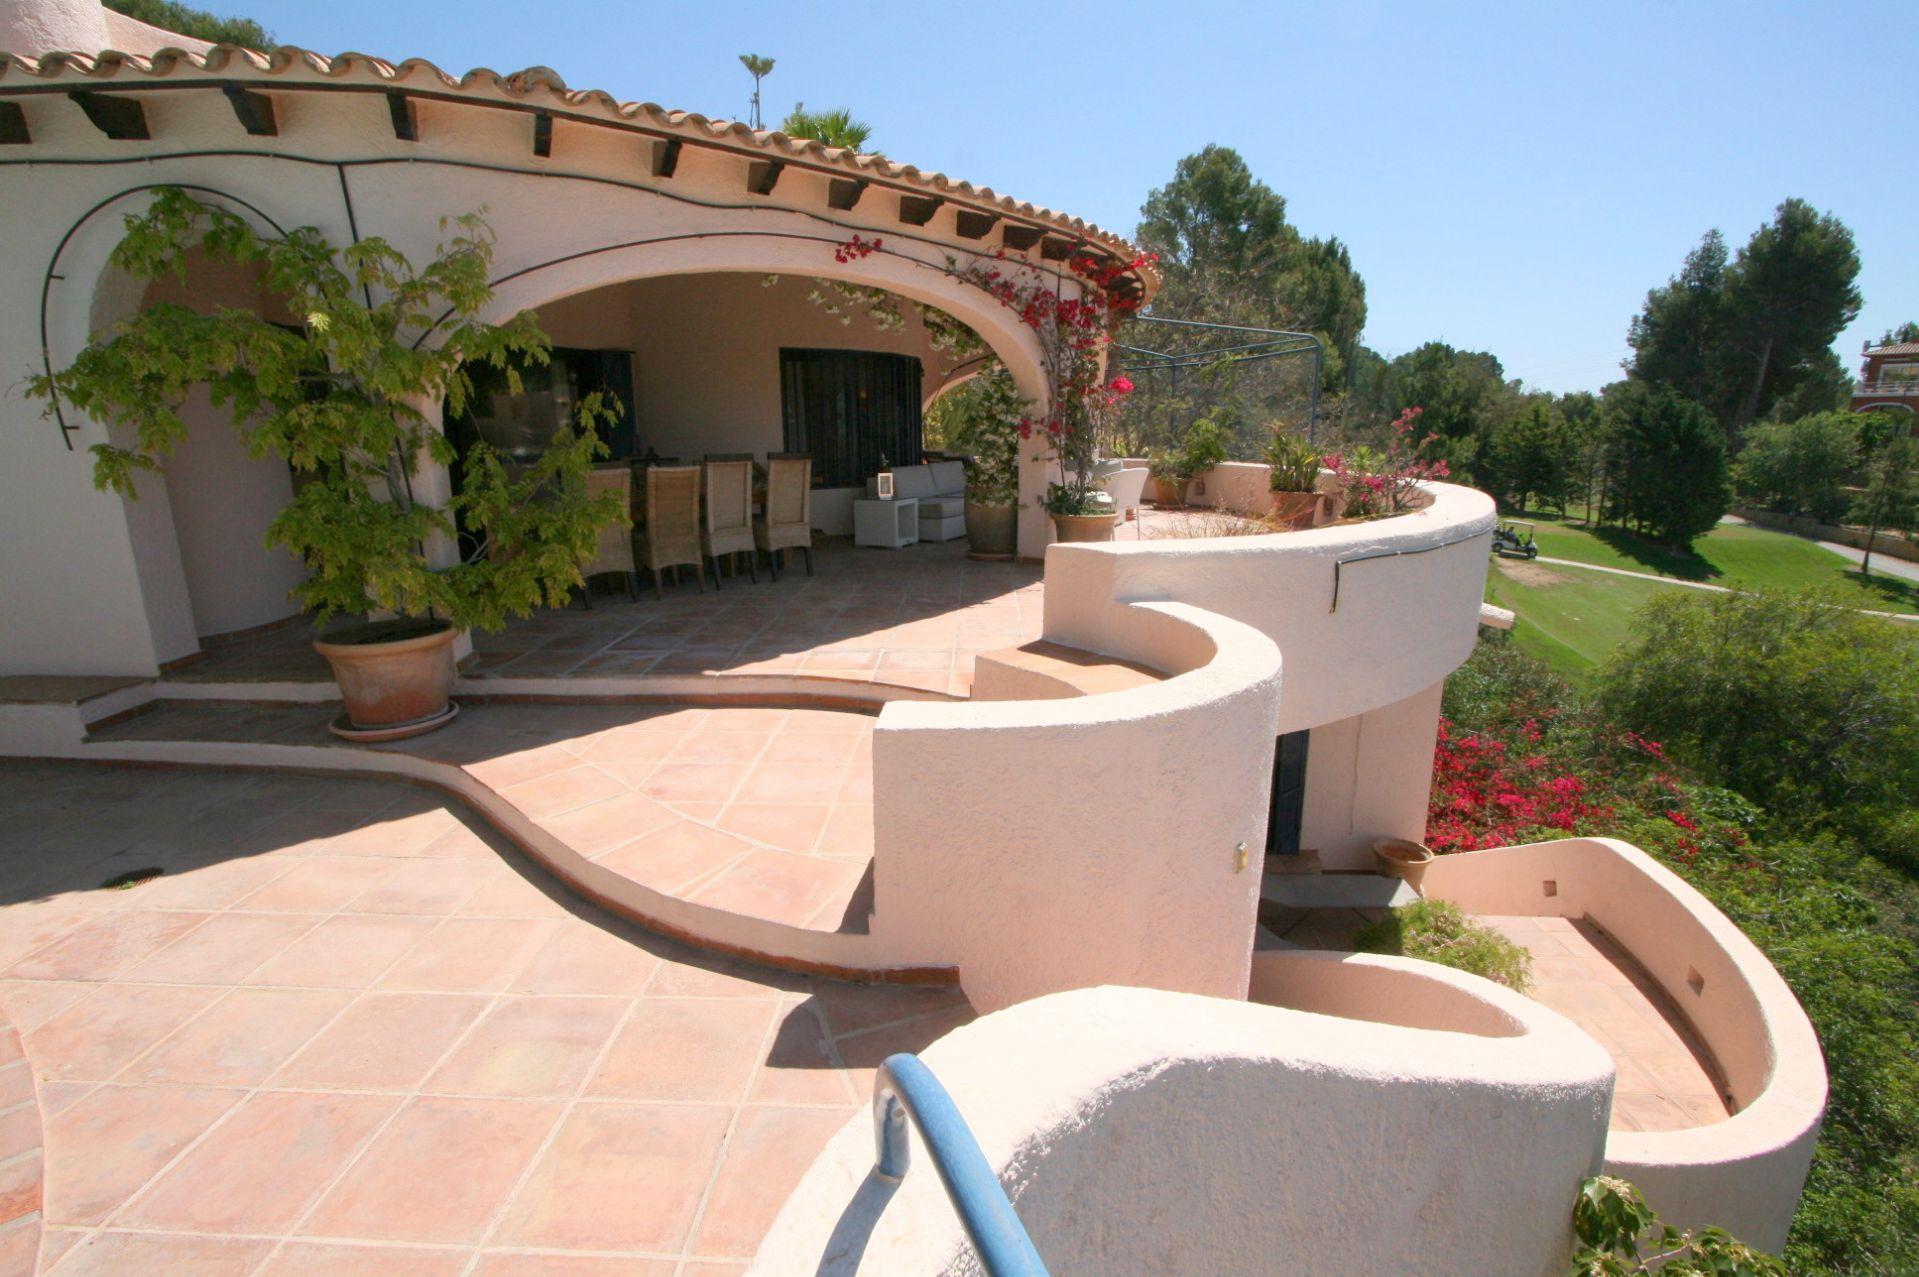 Charmante mediterrane Villa in ausgezeichneter Lage in Altea zu verkaufen